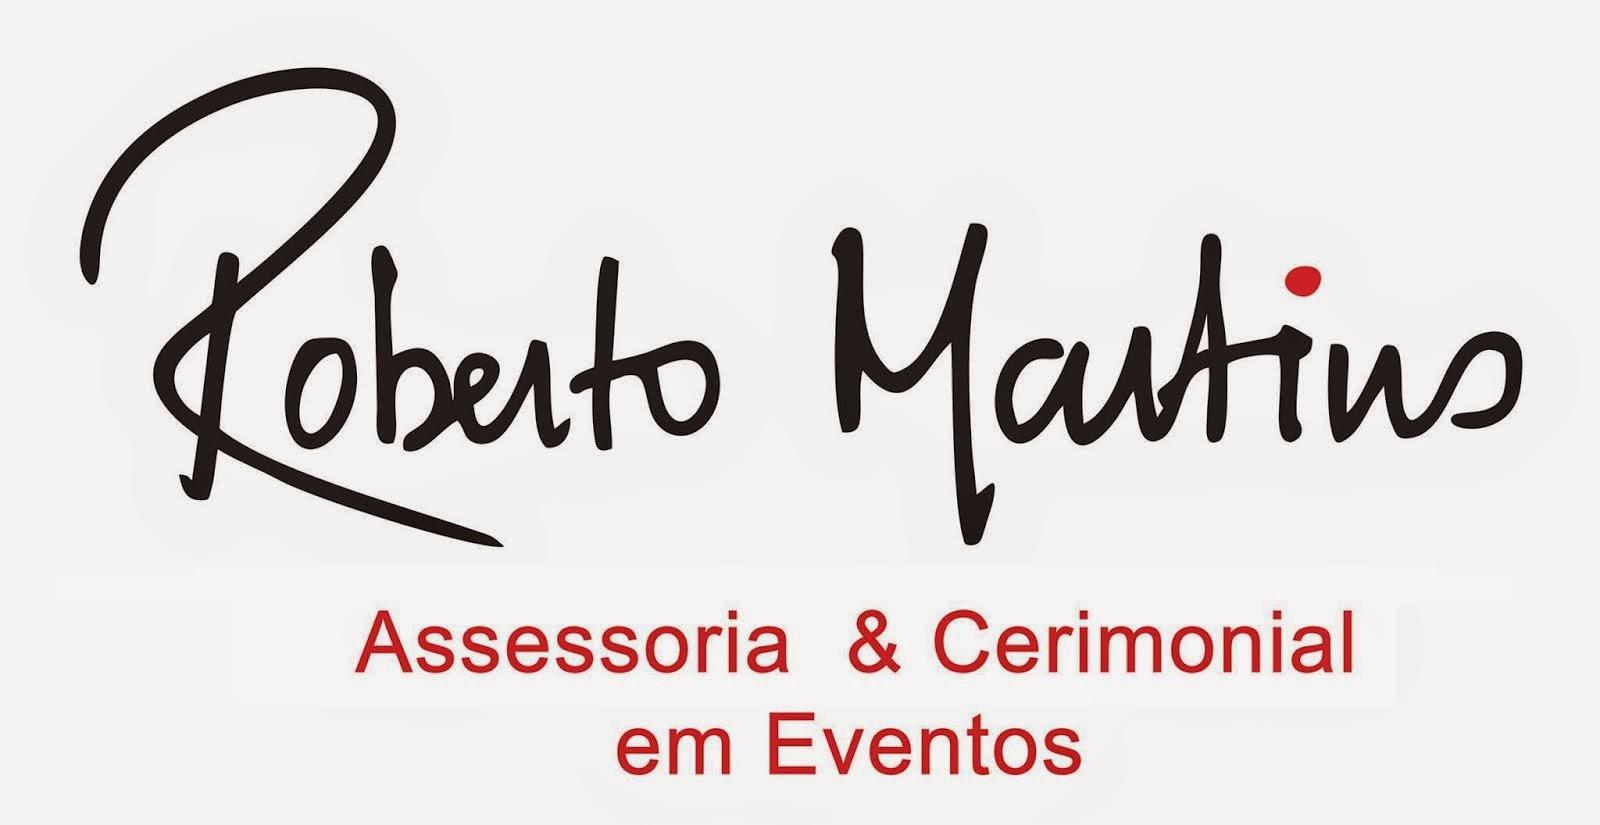 CERIMONIAL ROBERTO MARTINS